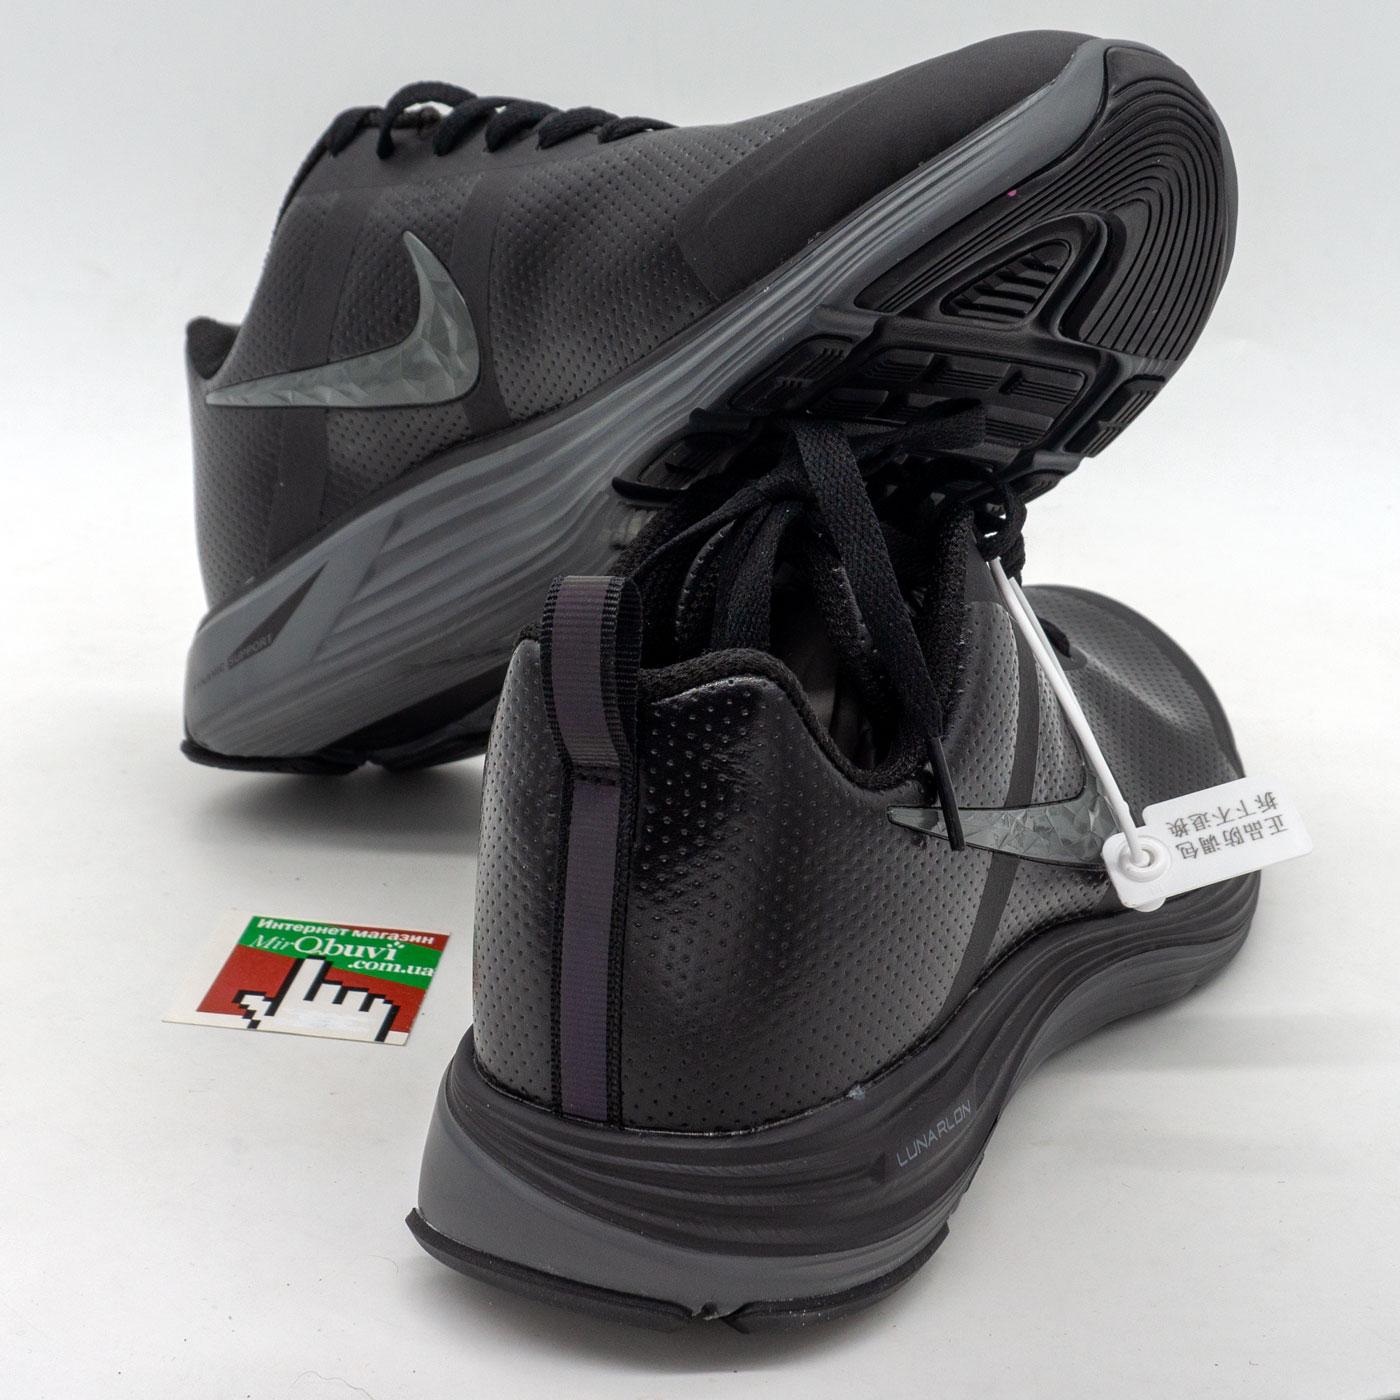 фото back Мужские осенние черные кроссовки Nike Air Relentless 26 MSL - Топ качество! back